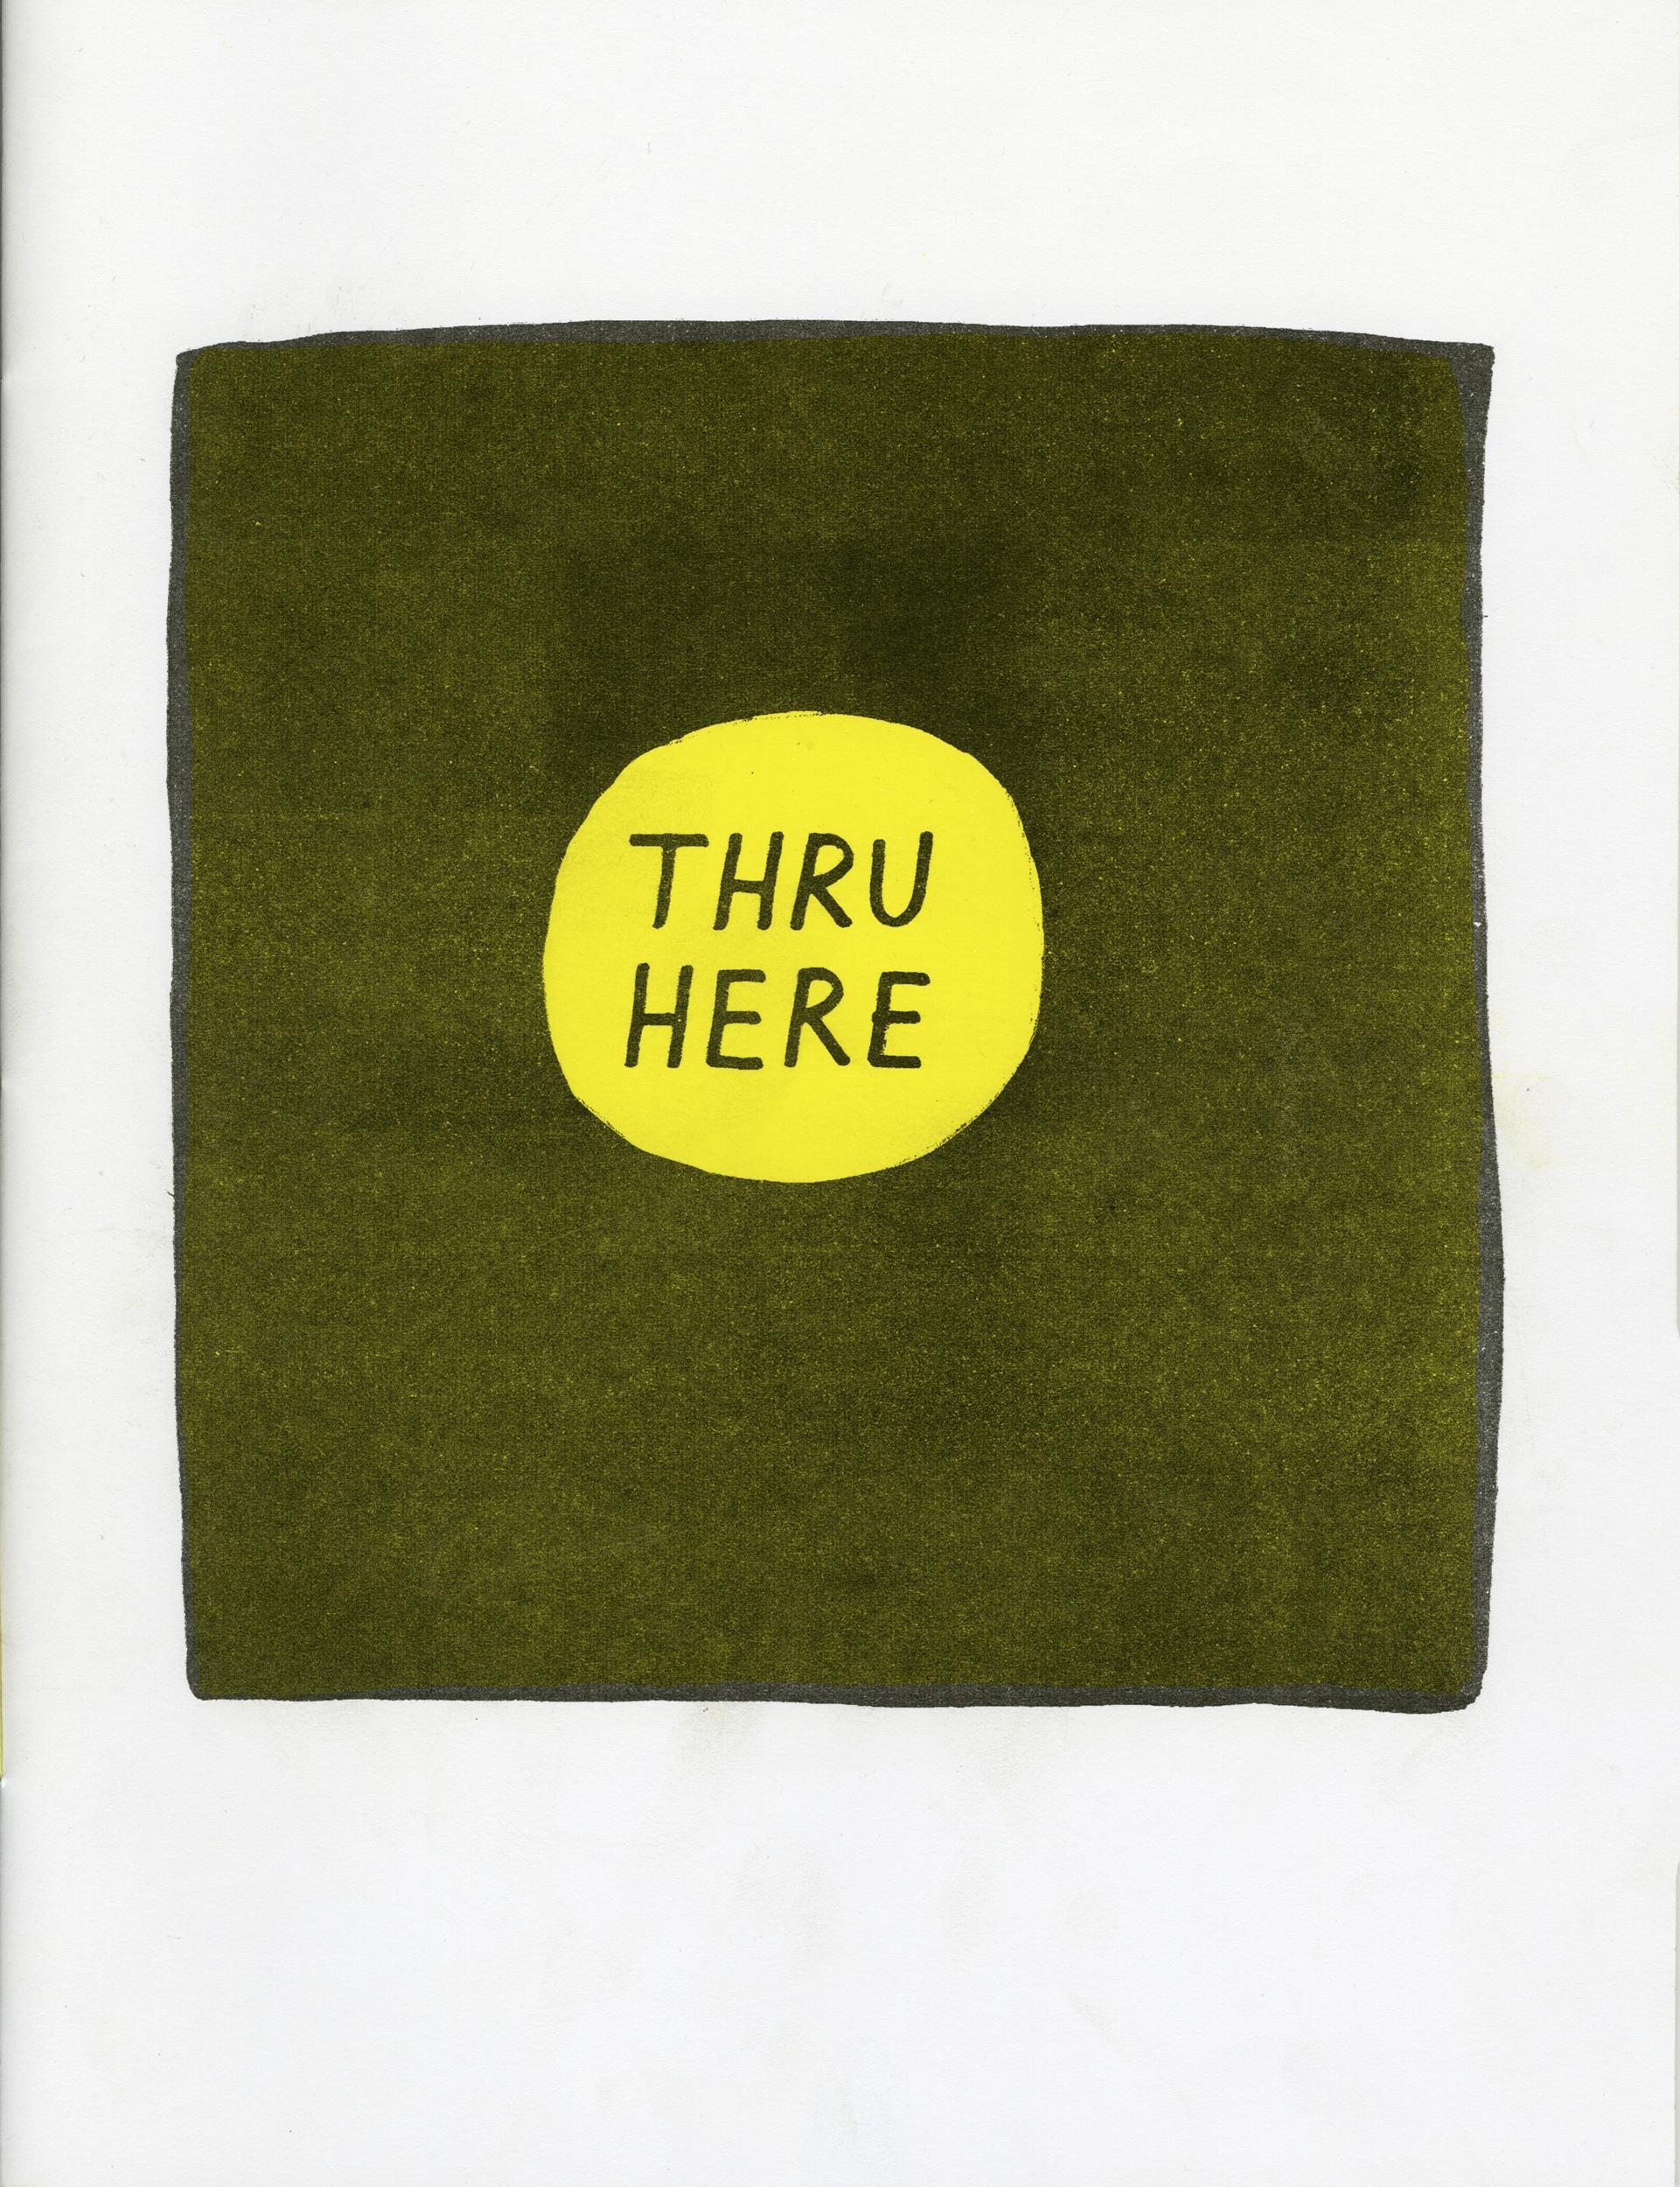 thruhere-cover2500.jpg